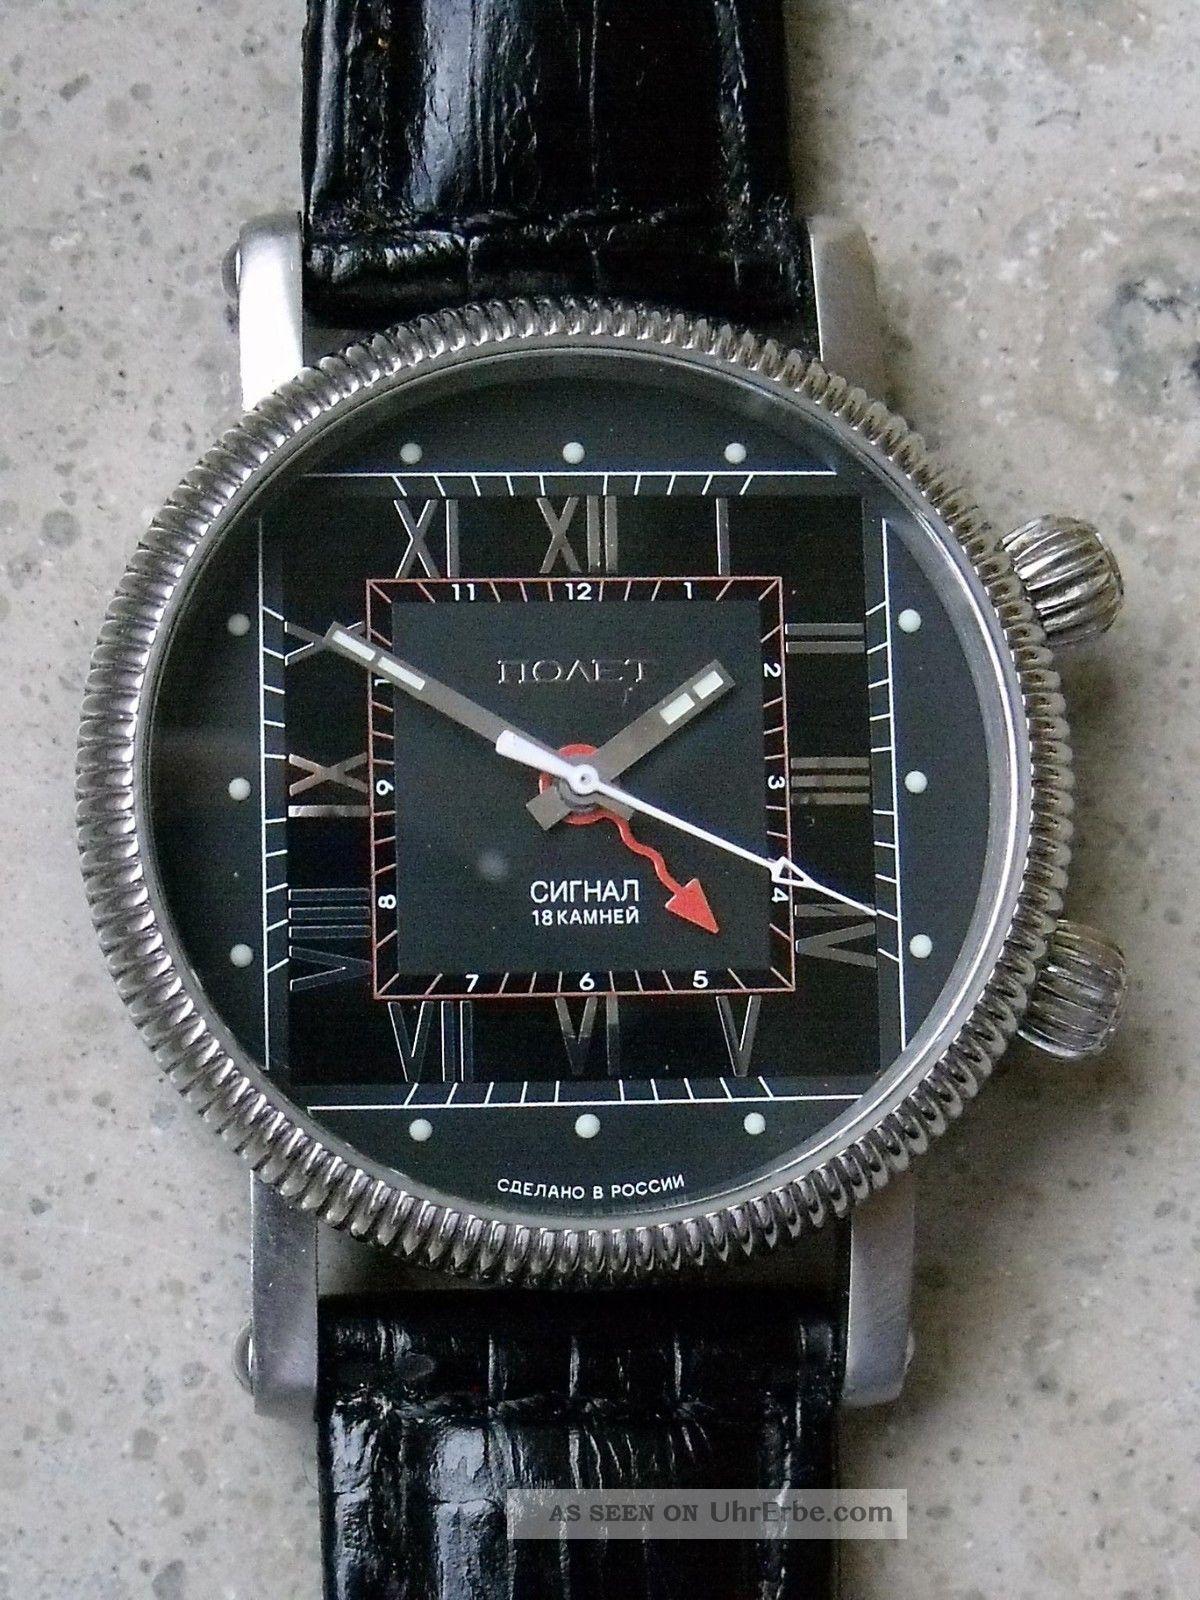 Poljot Design Handaufzugsuhr Mit Mechanischem Wecker Armbanduhren Bild